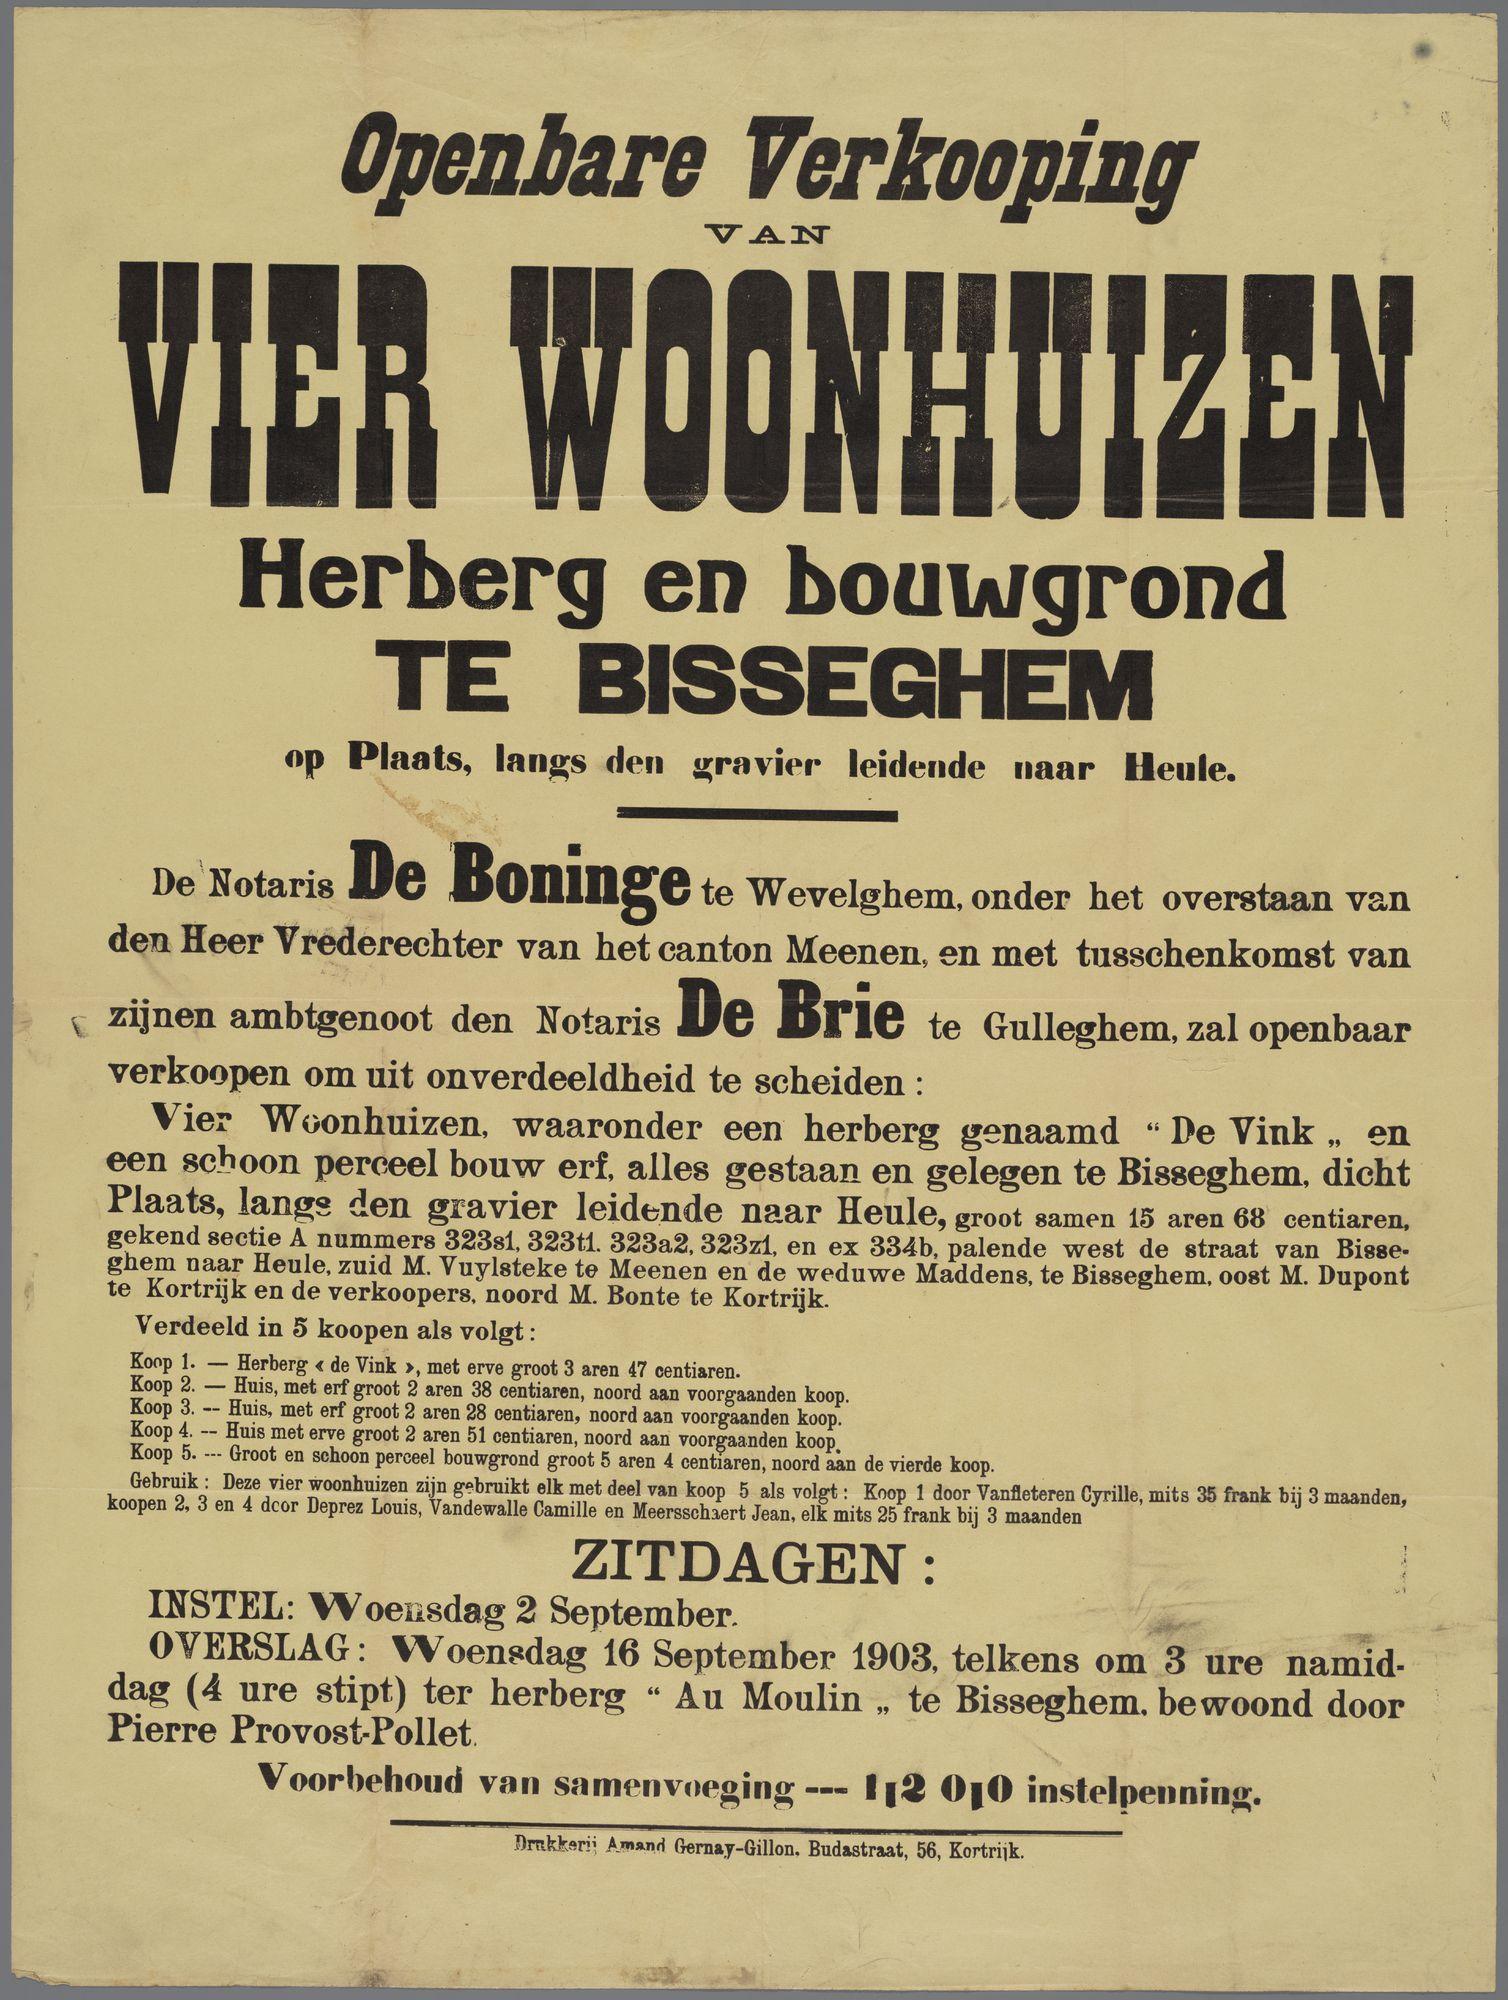 Openbare verkoop 1903